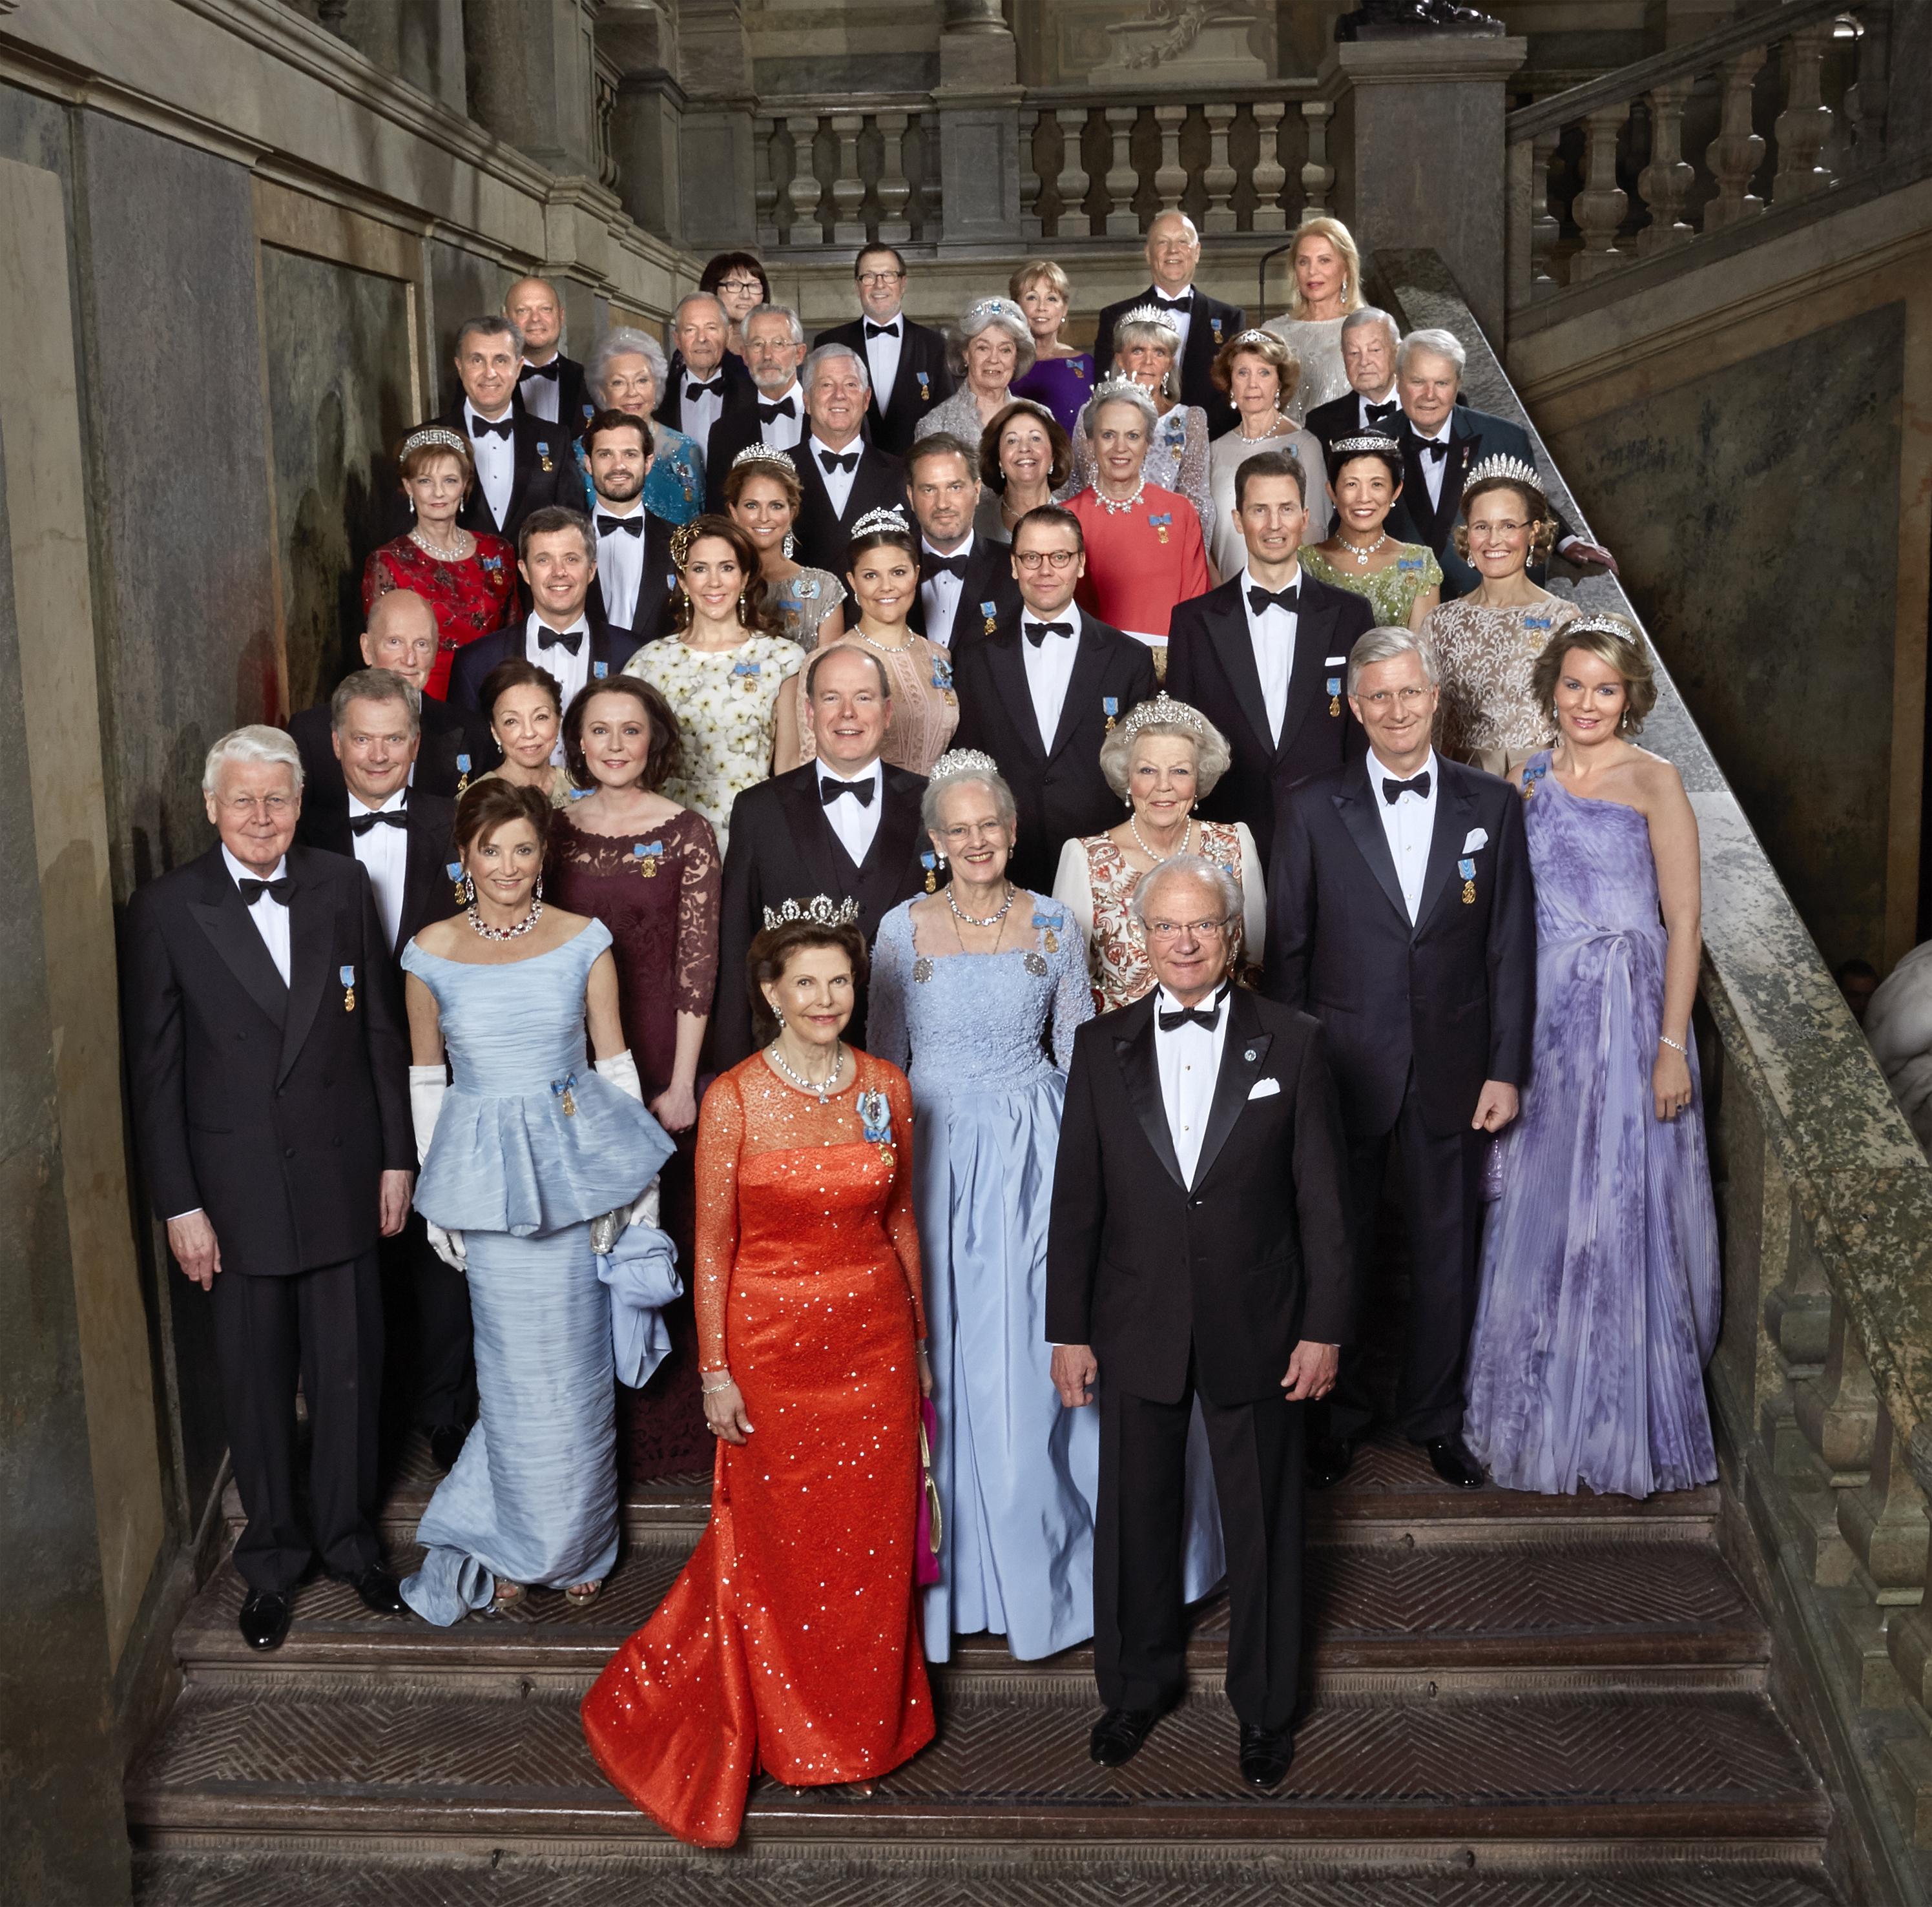 Kungens+70-årsdag.+Hedersgäster+Kungliga+slottet+30+april+2016+foto+Peter+Knutson+Kungahuset.se.JPG